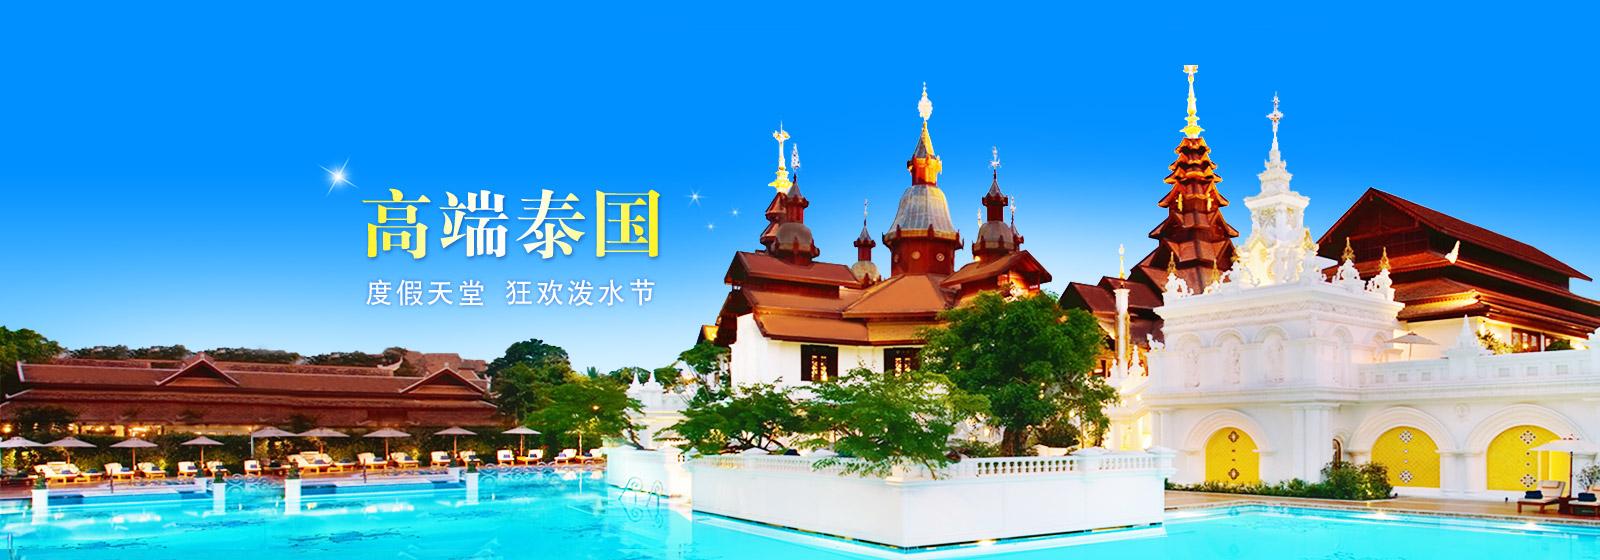 高端泰国_度假天堂_狂欢泼水节